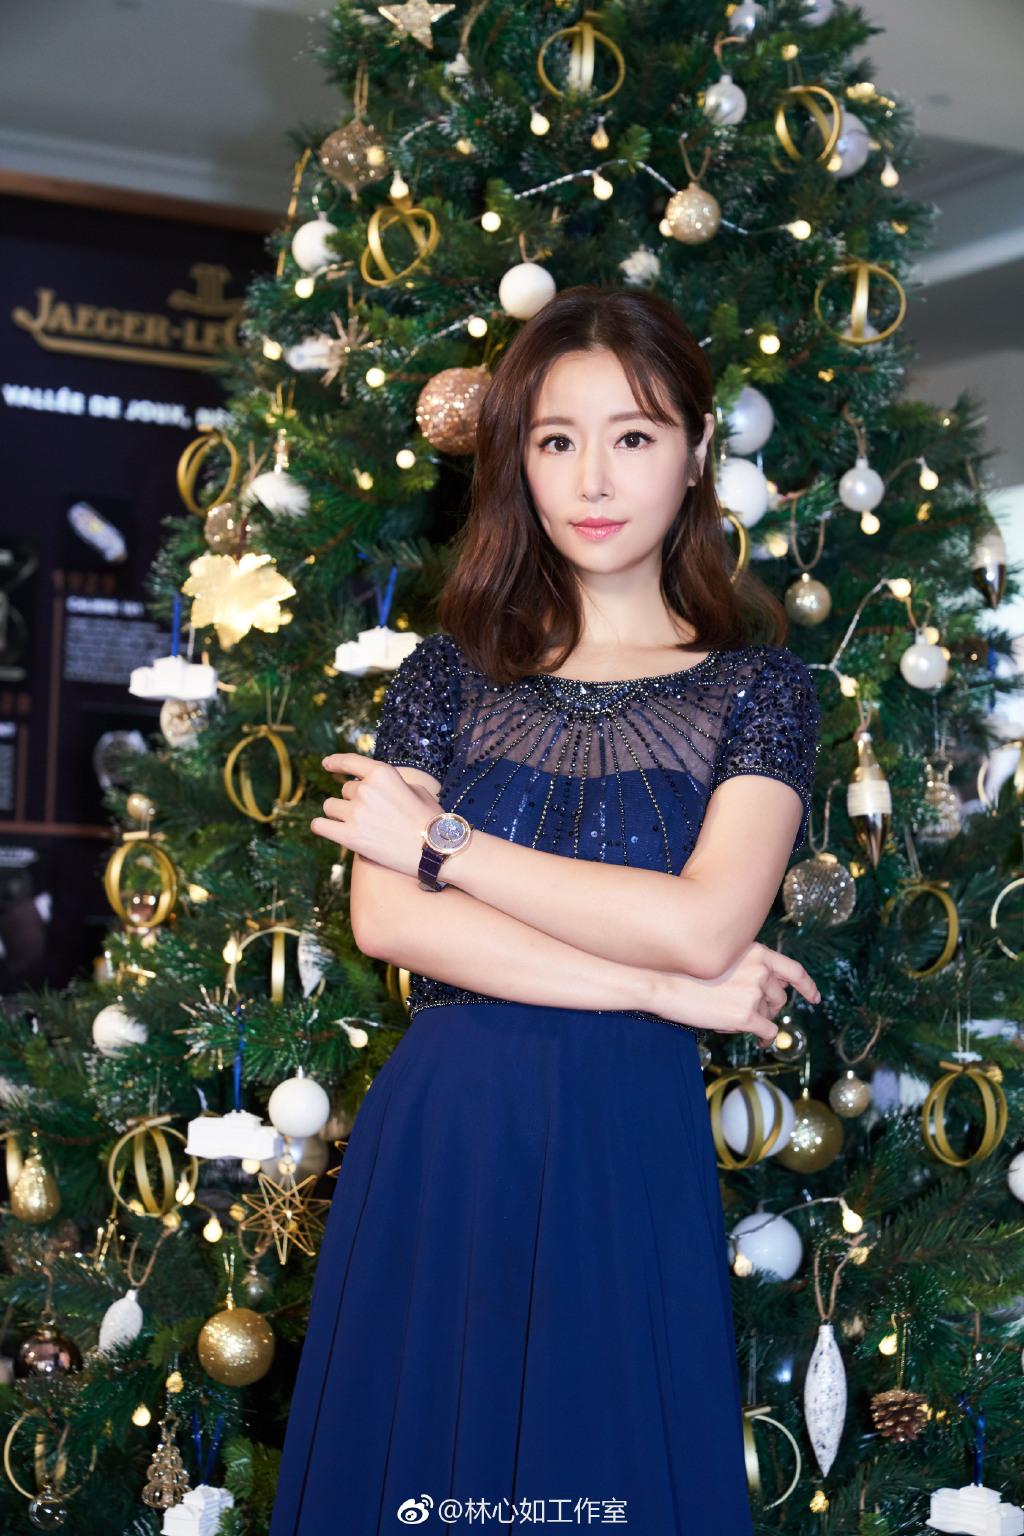 Lâm Tâm Như hạ quyết tâm giảm 5kg để vào vai một cô gái Việt Nam - Ảnh 3